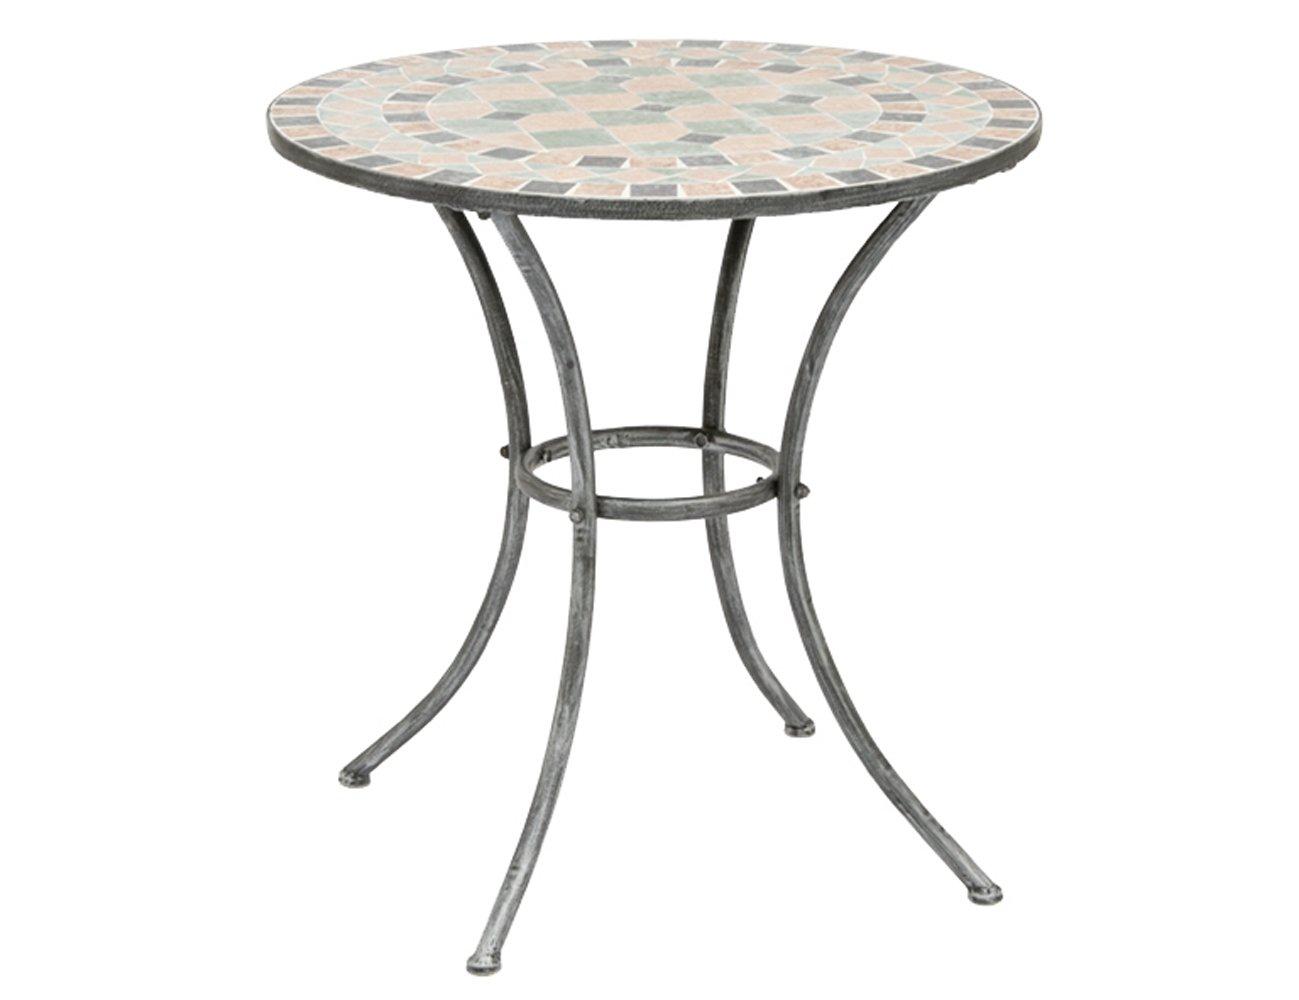 Siena Garden Tisch Fiore, Gestell silber-schwarz matt, Mosaikoptik in der Tischplatte, Ø 70 x H 71 cm günstig bestellen